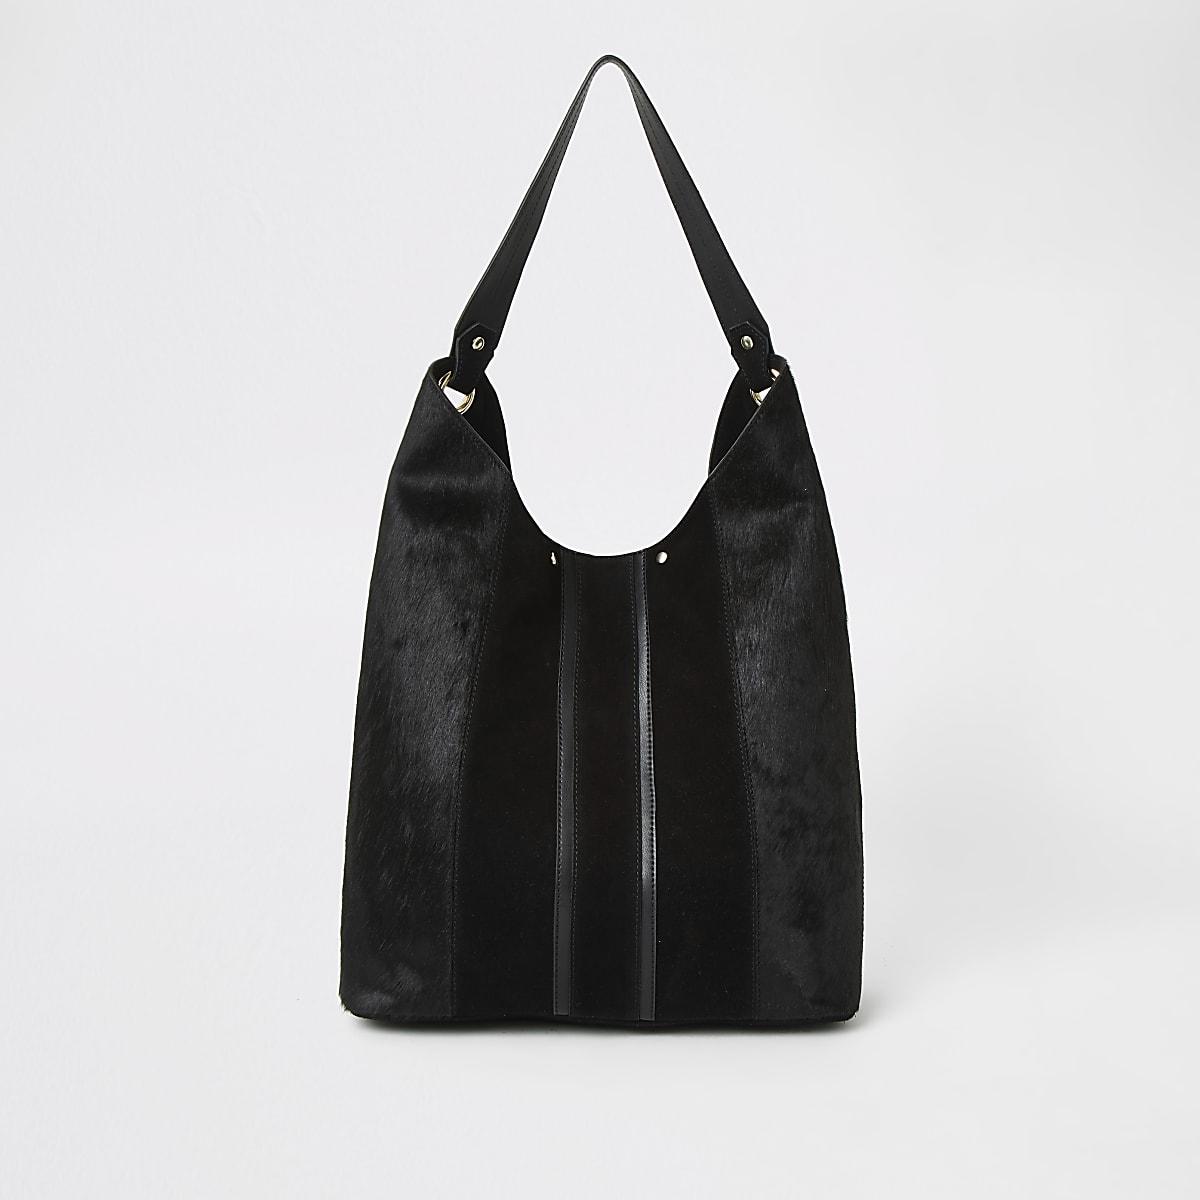 Zwarte tas met leren panelen